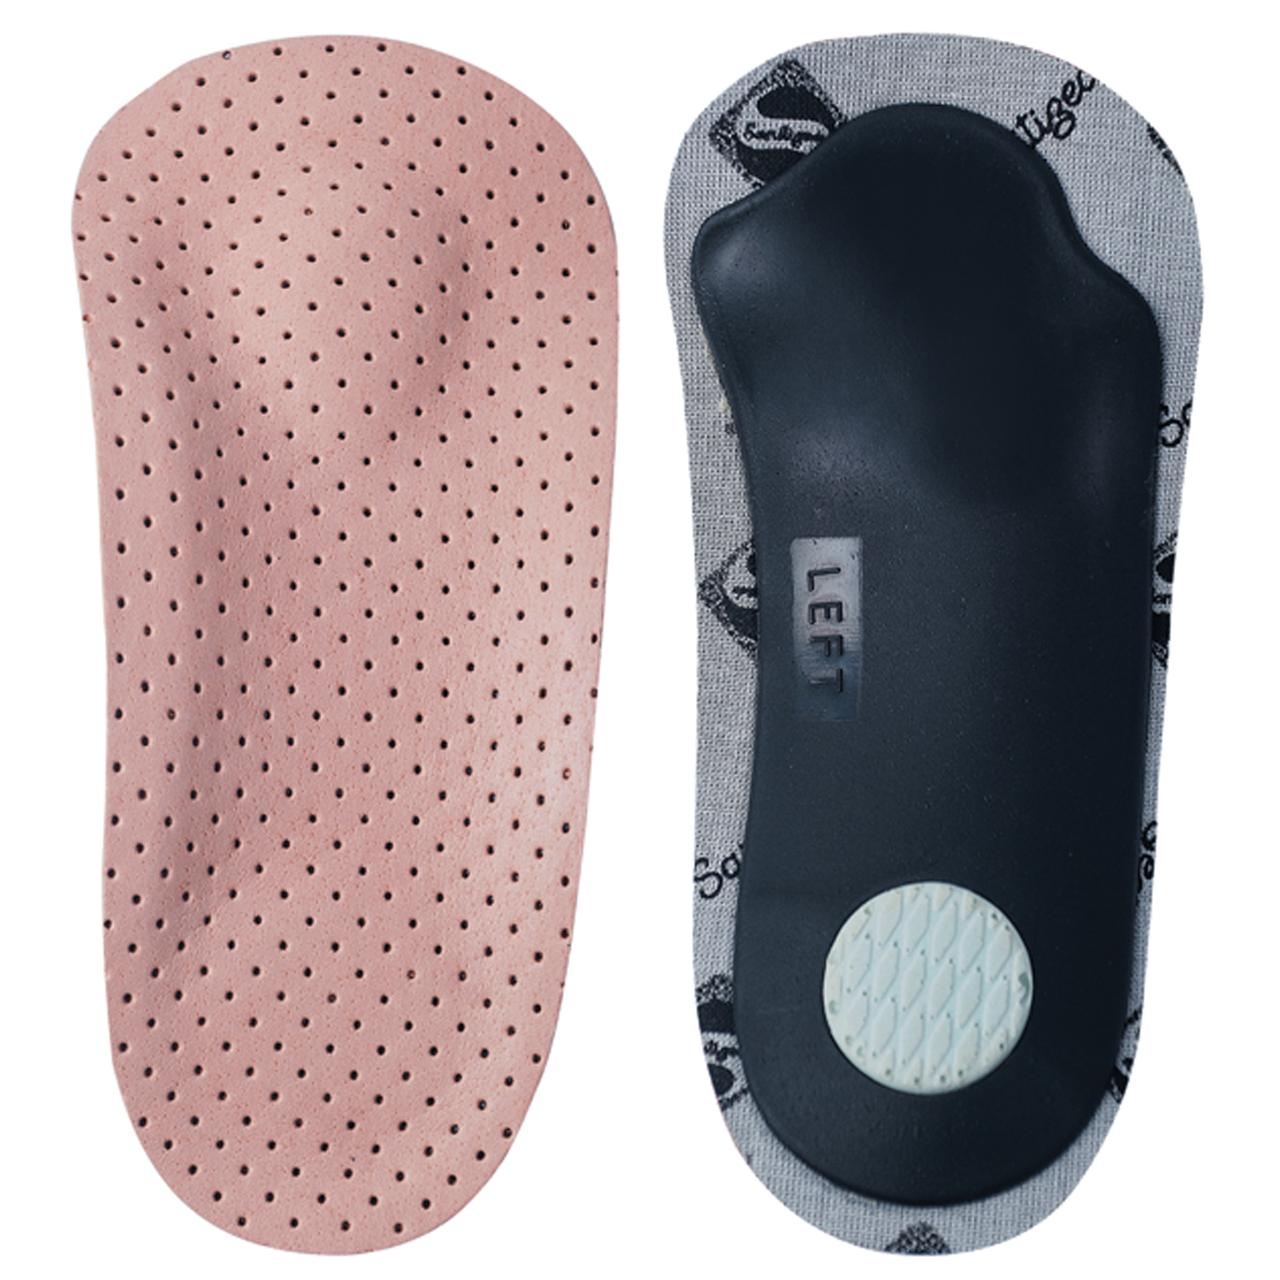 Кожаные полустельки-супинаторы для поддержки продольного и поперечного сводов стопы ШНС-001, 35-36